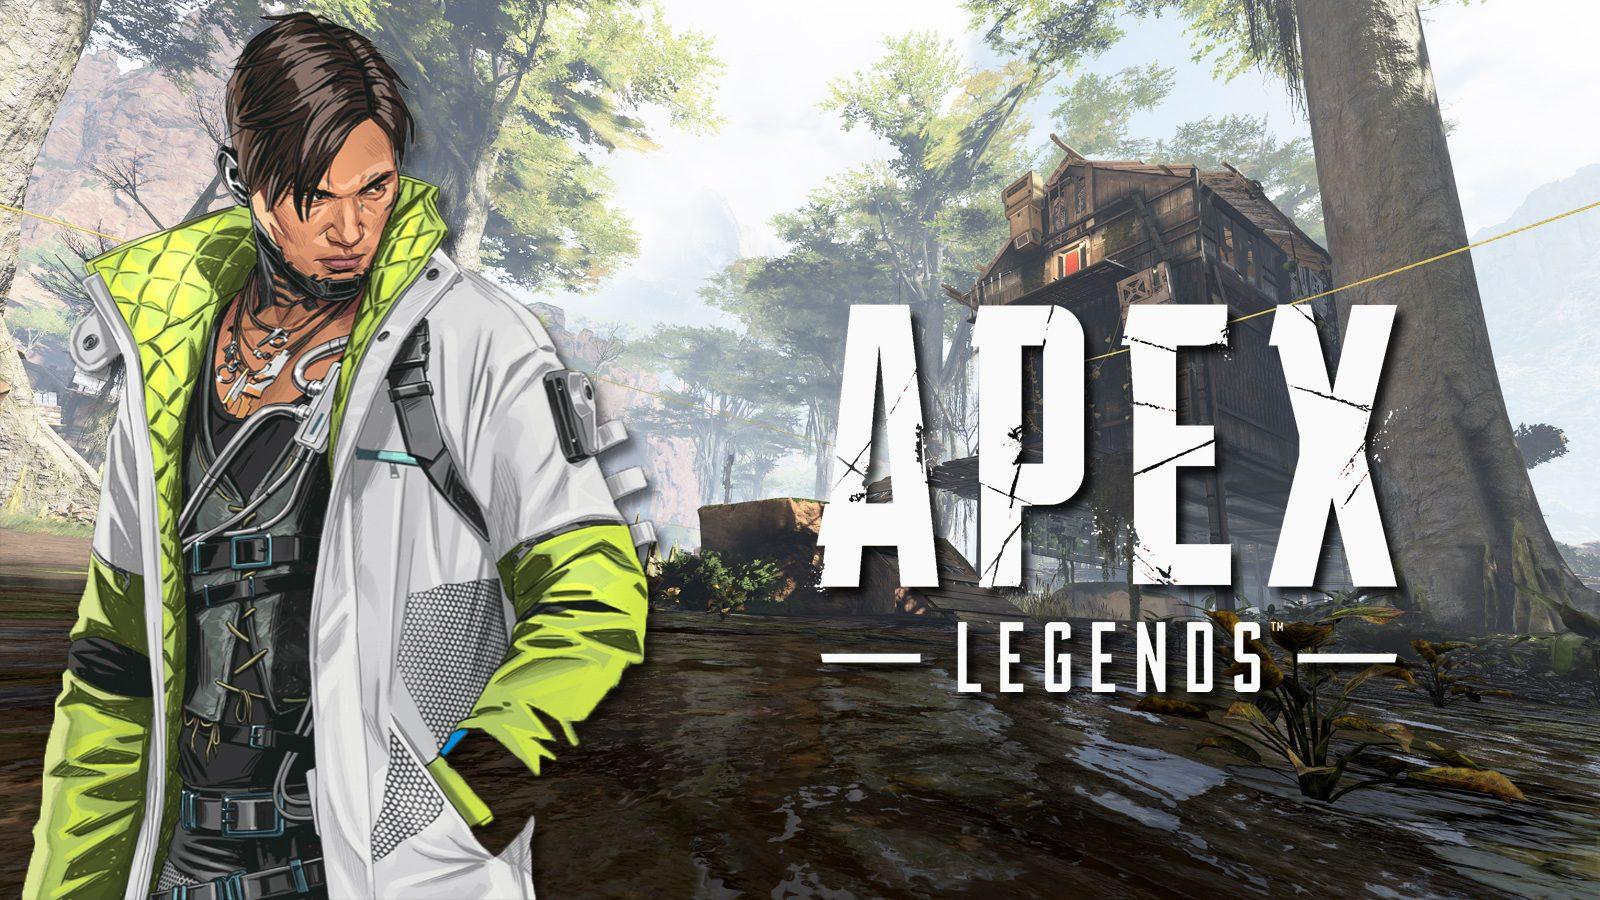 Apex Legends 2392019 1